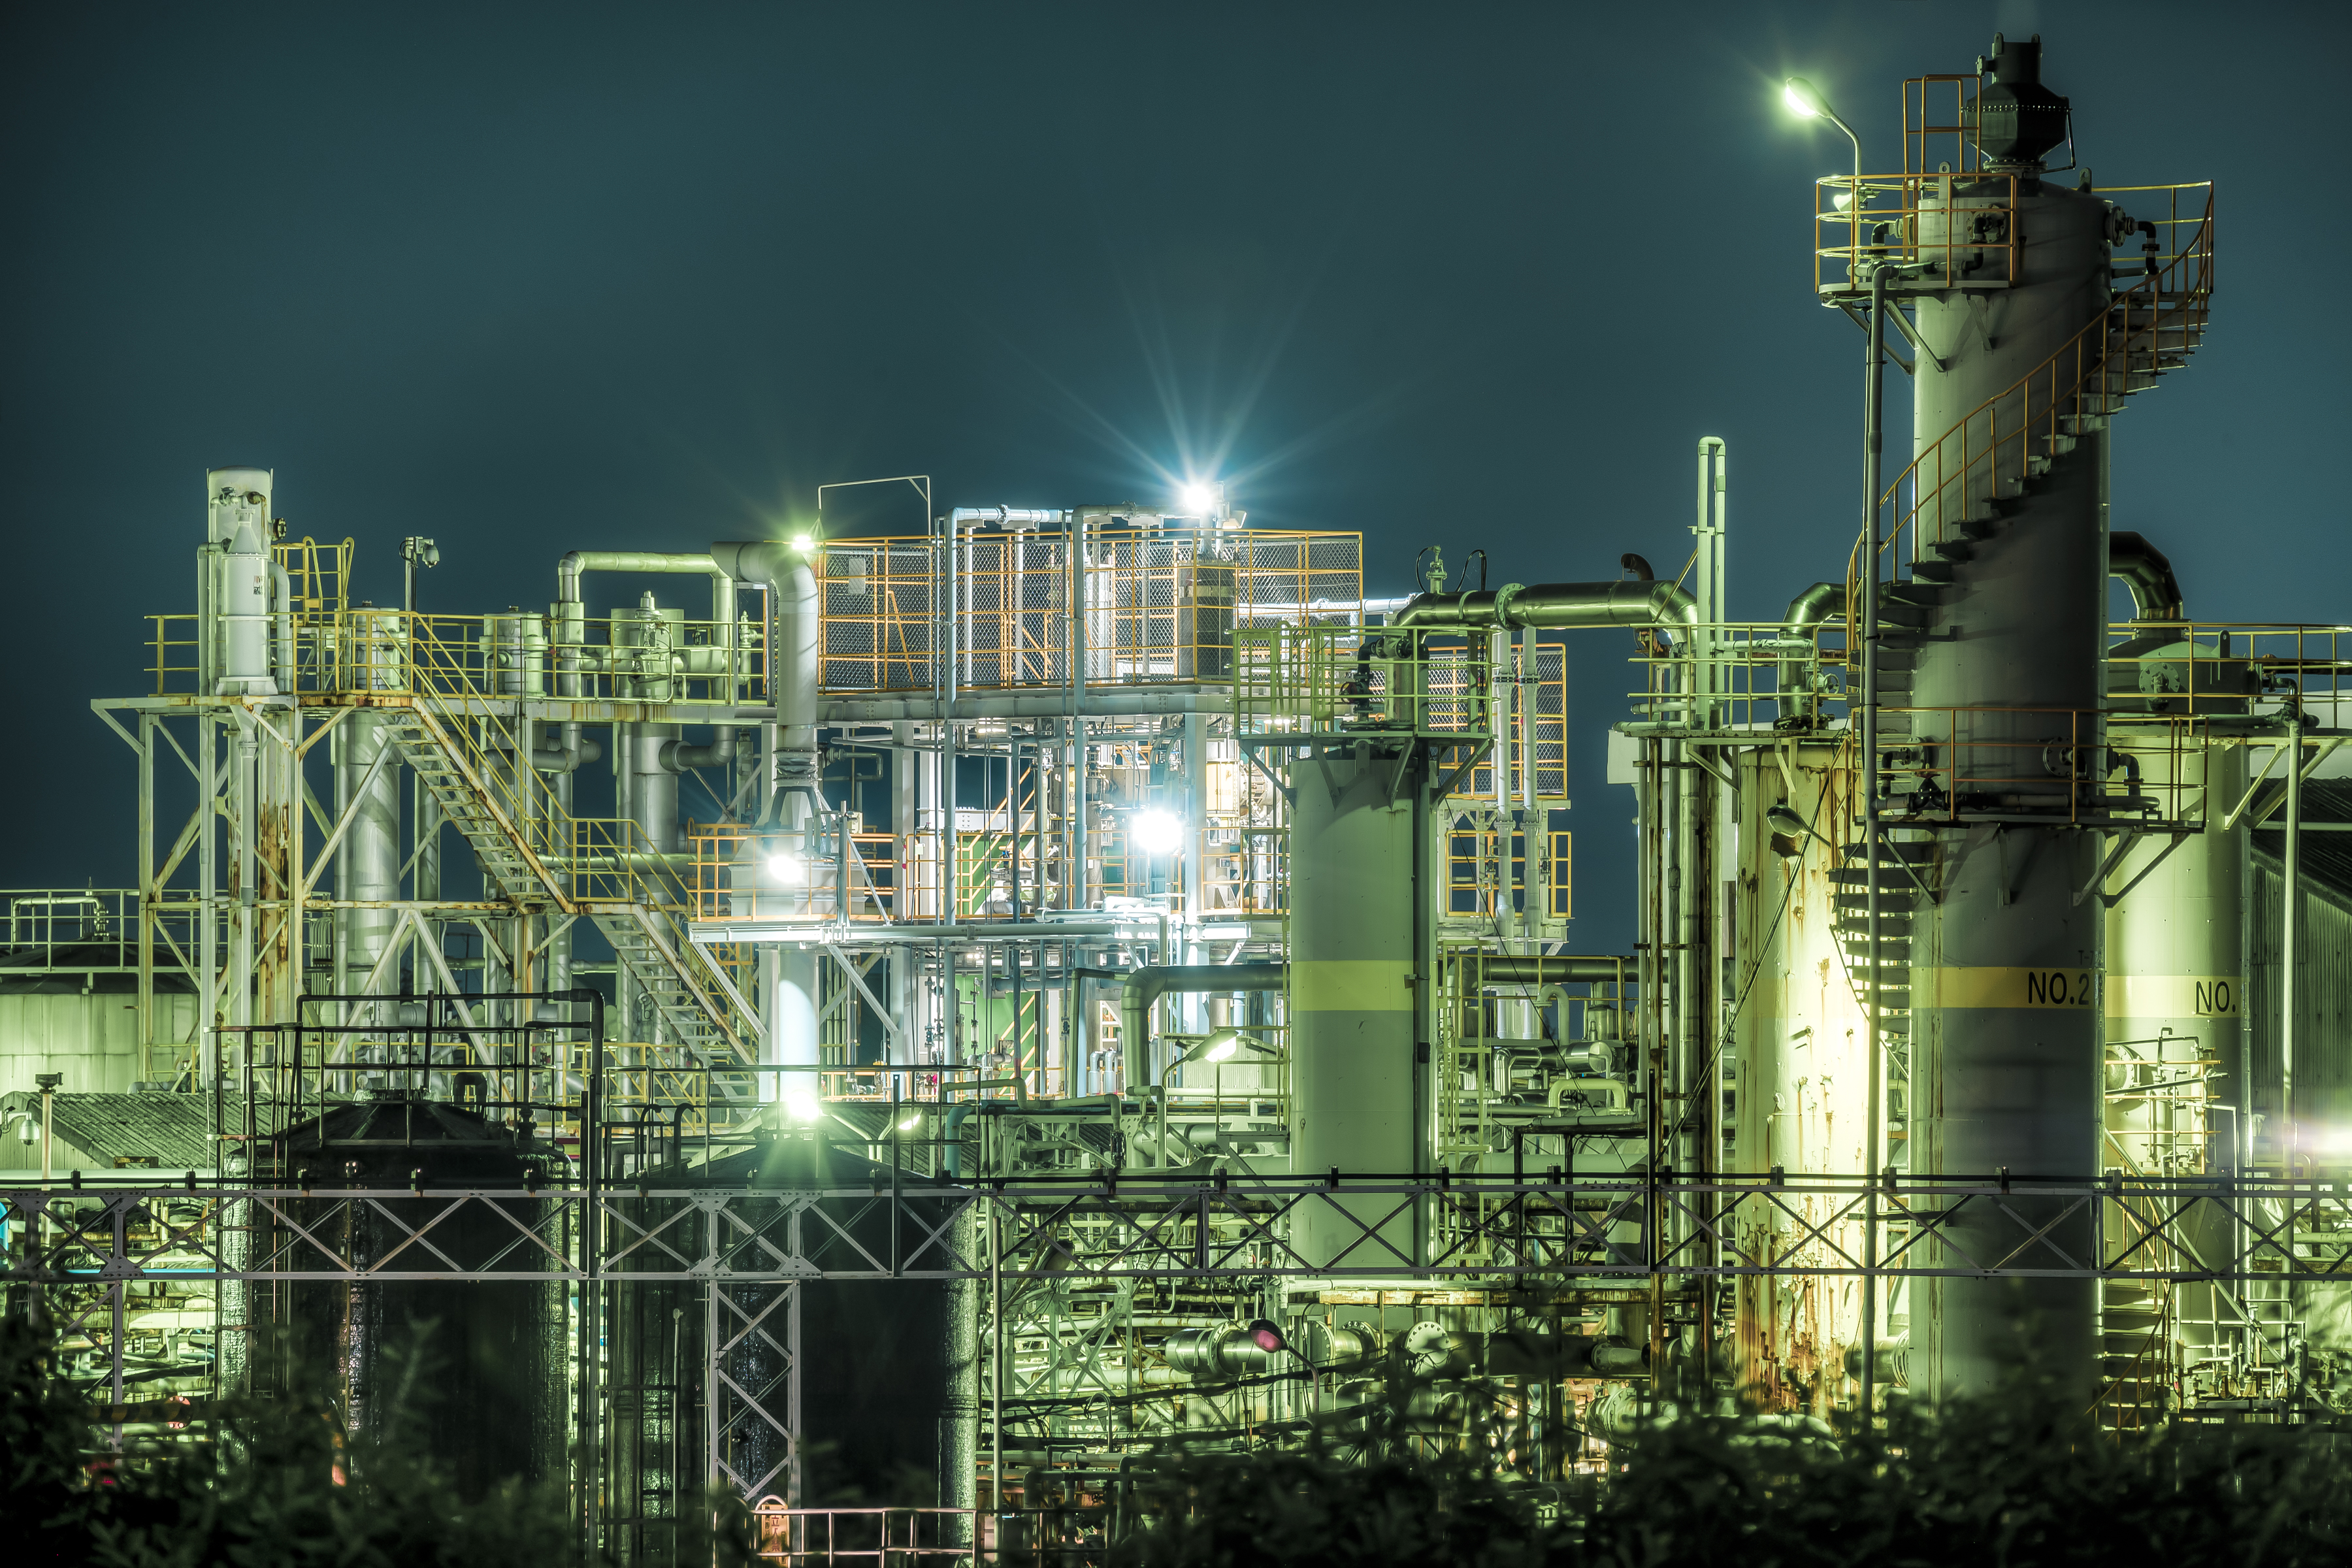 工場夜景 日本曹達高岡工場 #004|システムエンジニアの休日(Photo ...